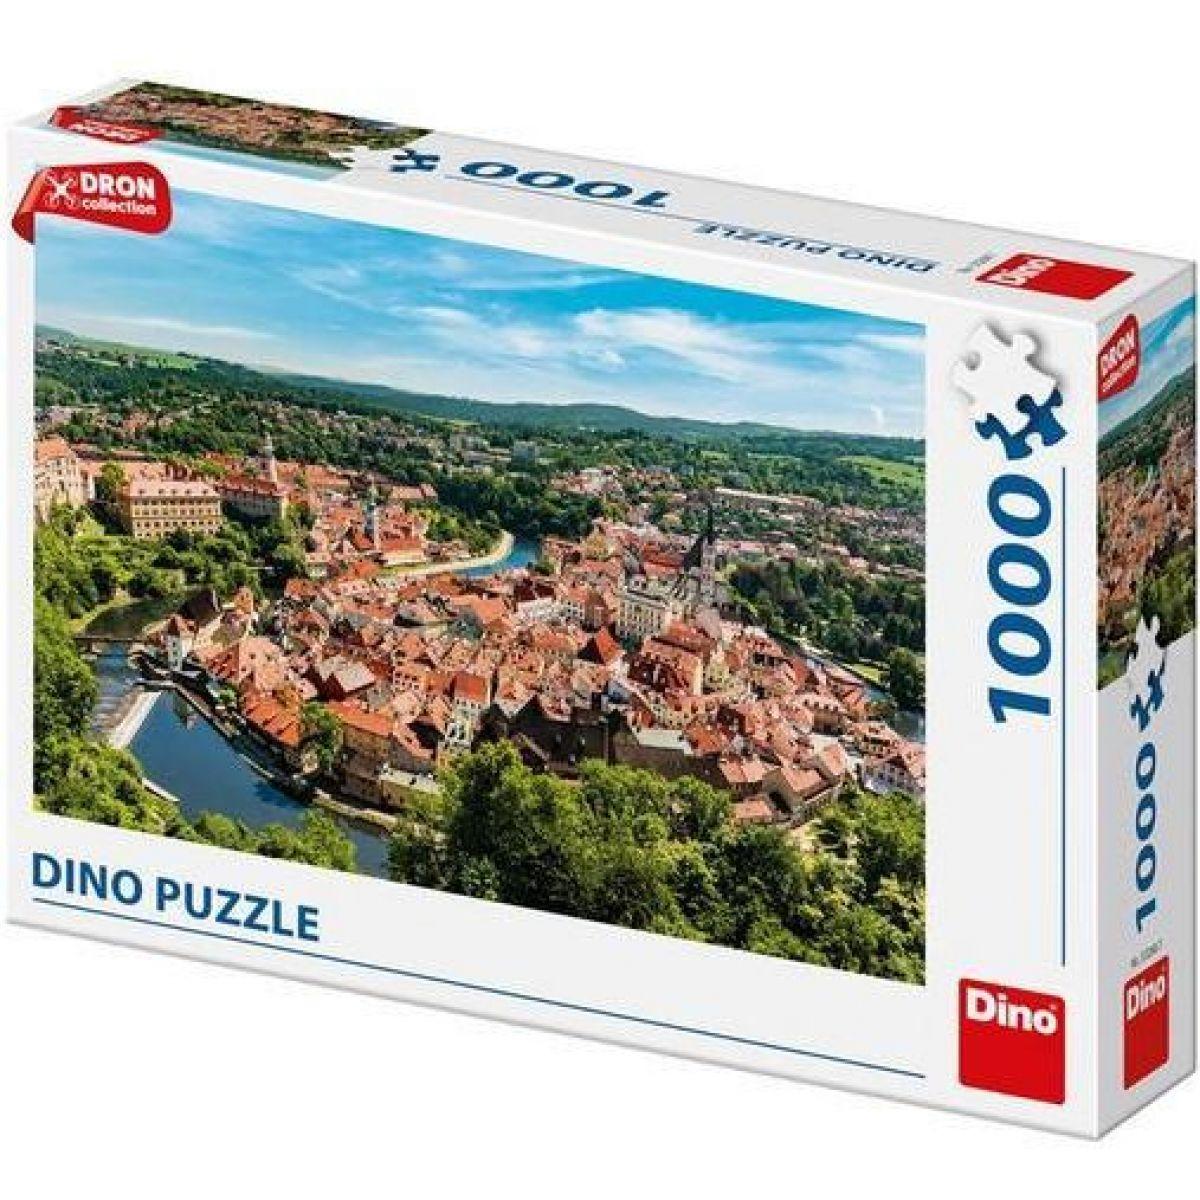 Dino Český Krumlov Dron Collection puzzle 1000 dielikov